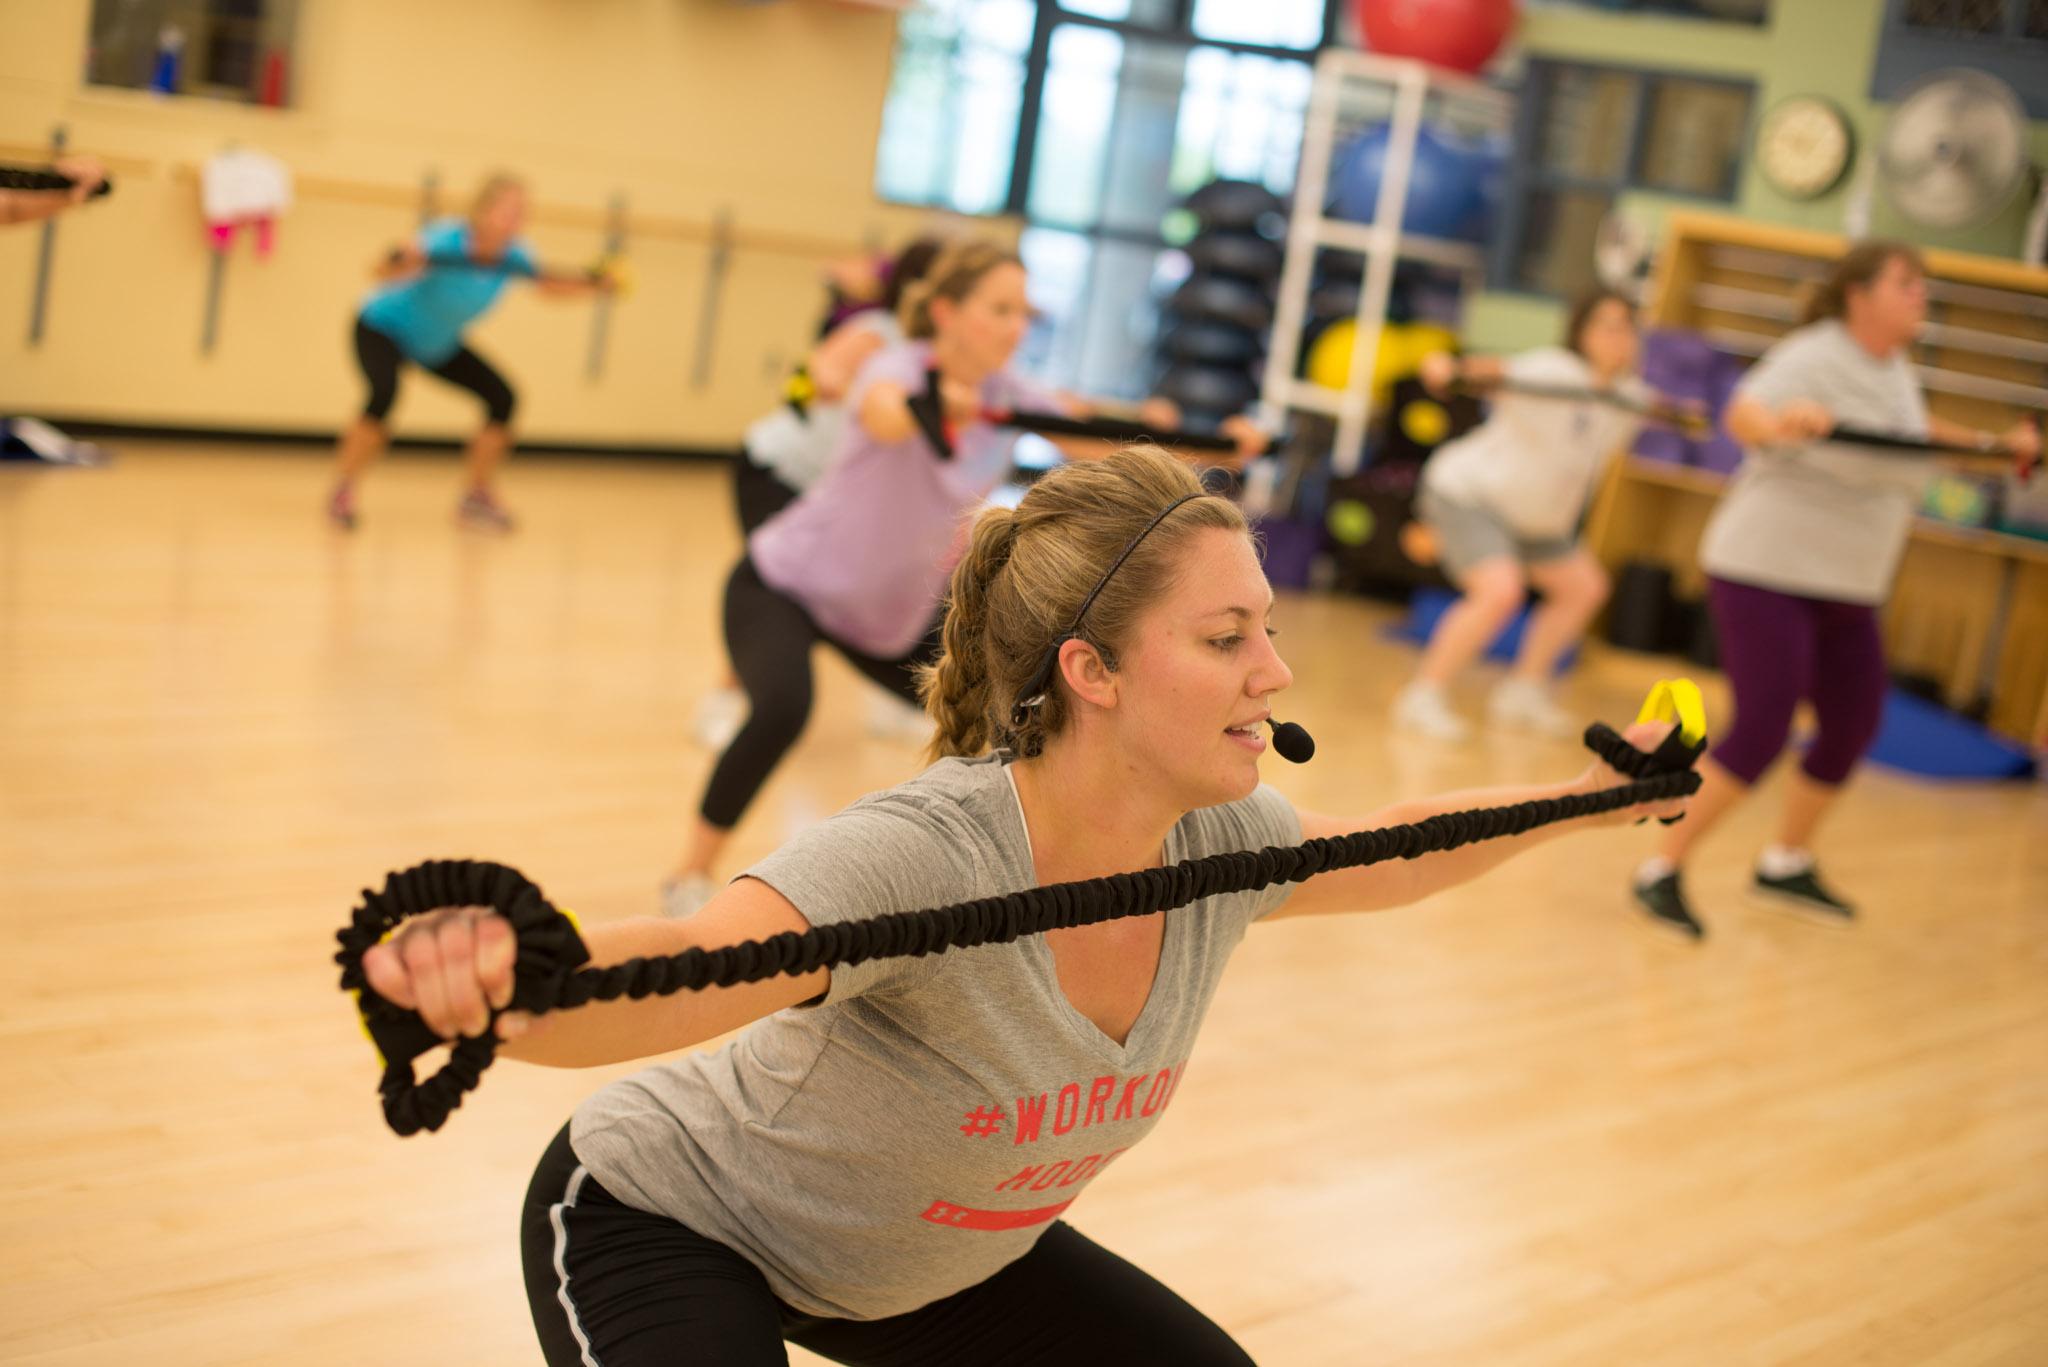 Wellness Center Stock Photos-1051.jpg